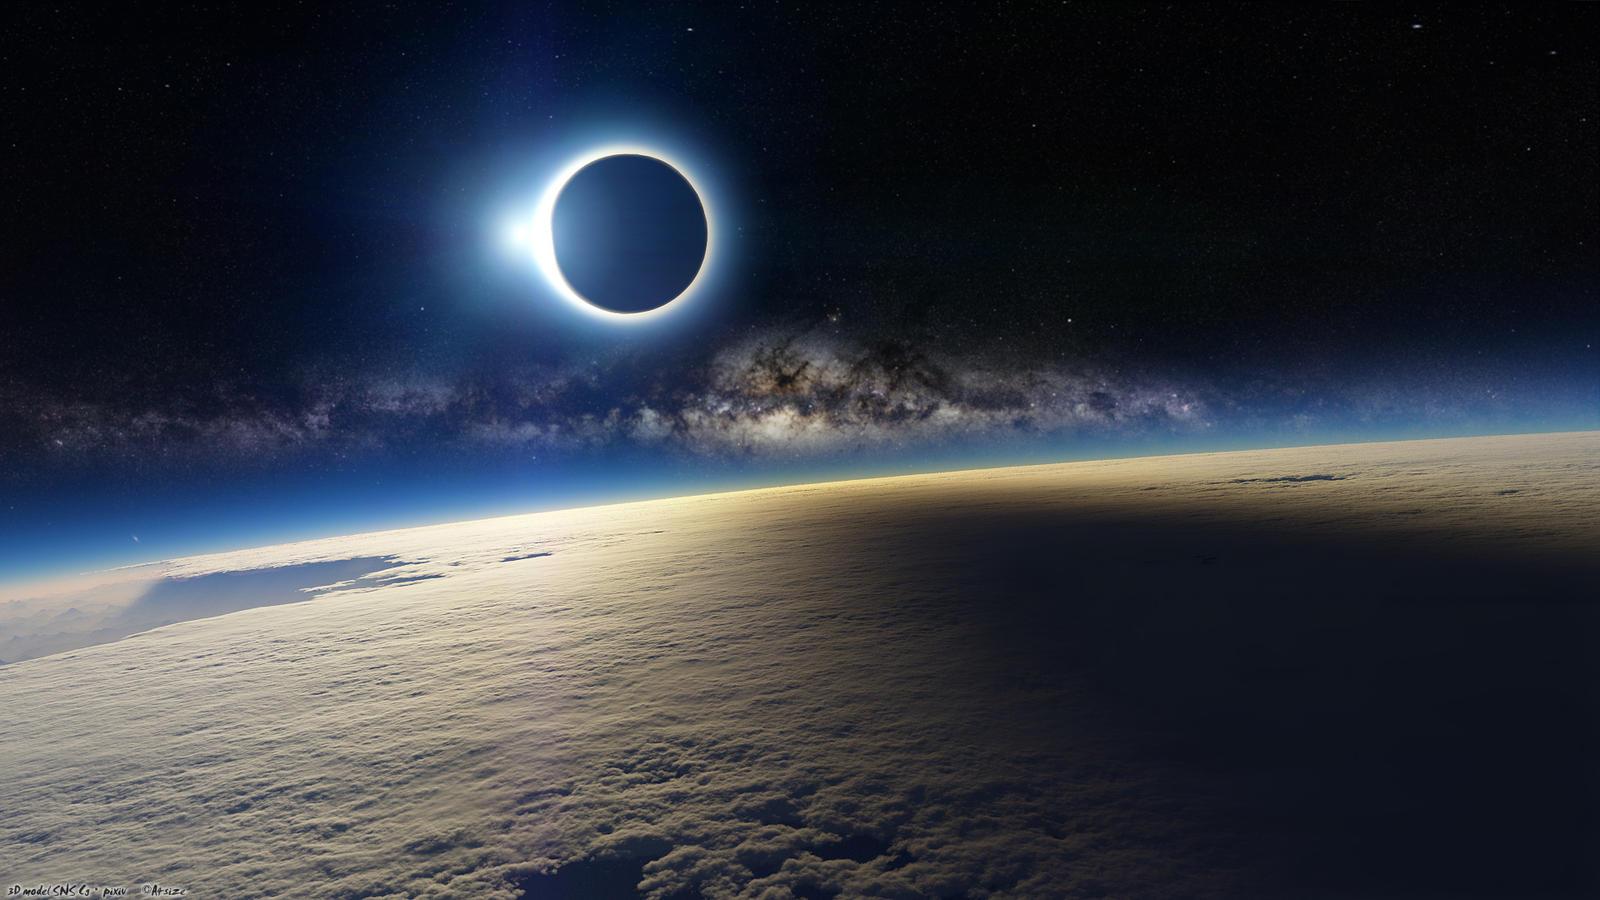 Eclipse by A4size-ska